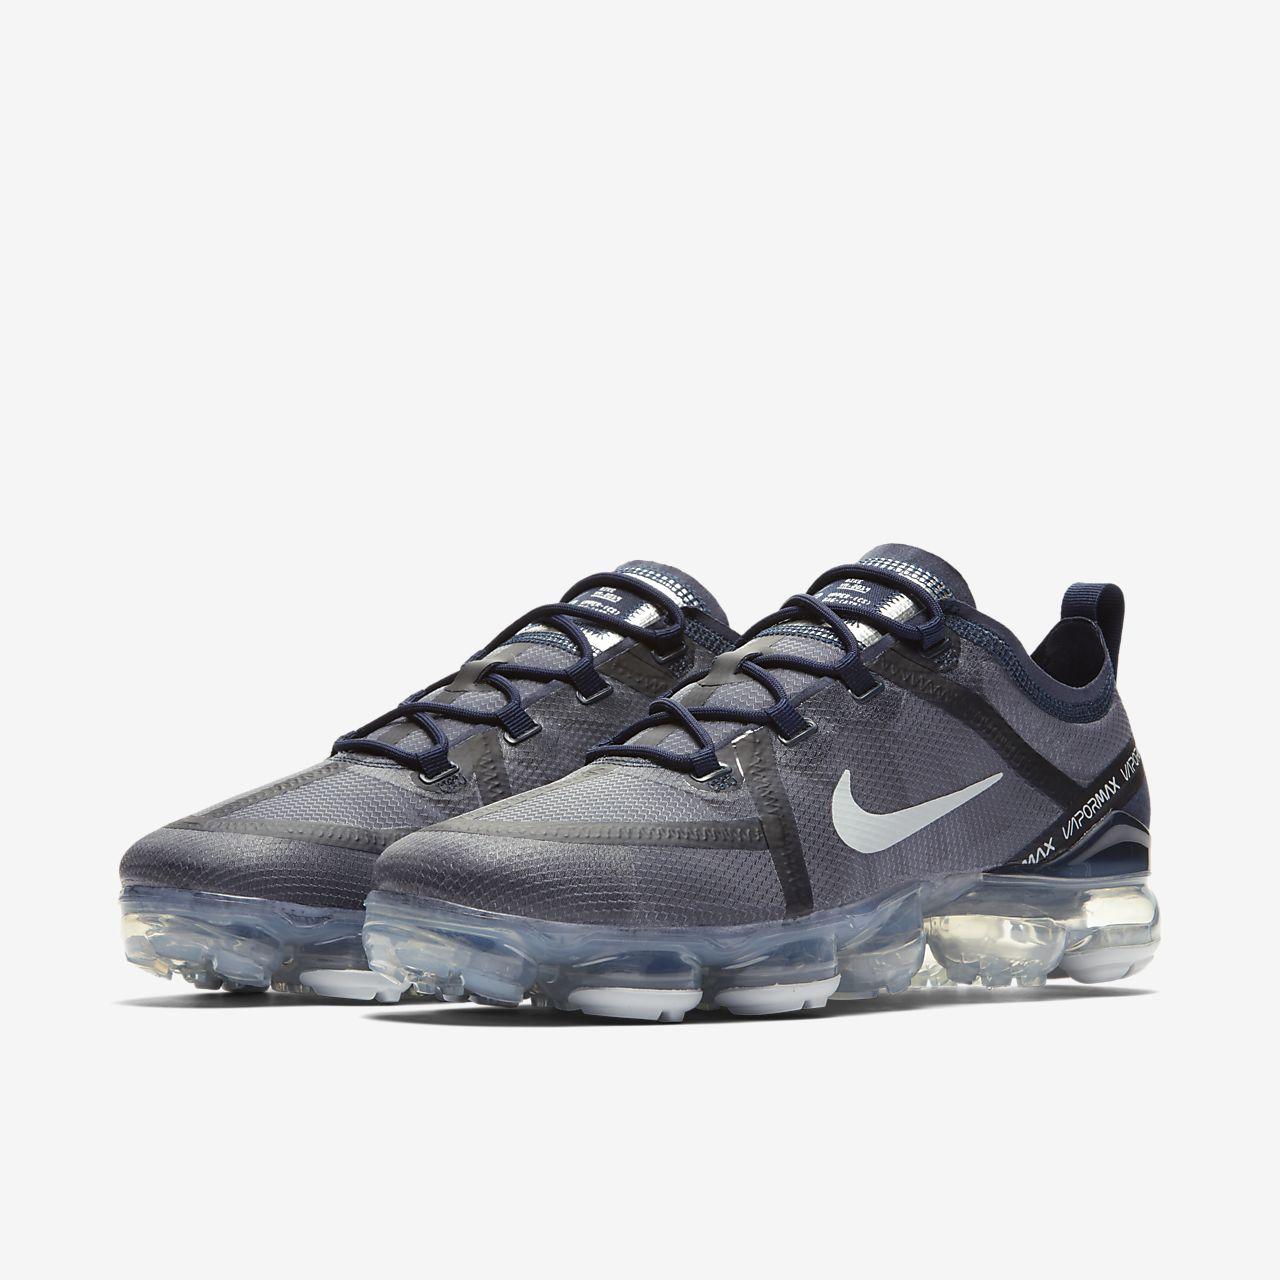 nike 2019 scarpe uomo